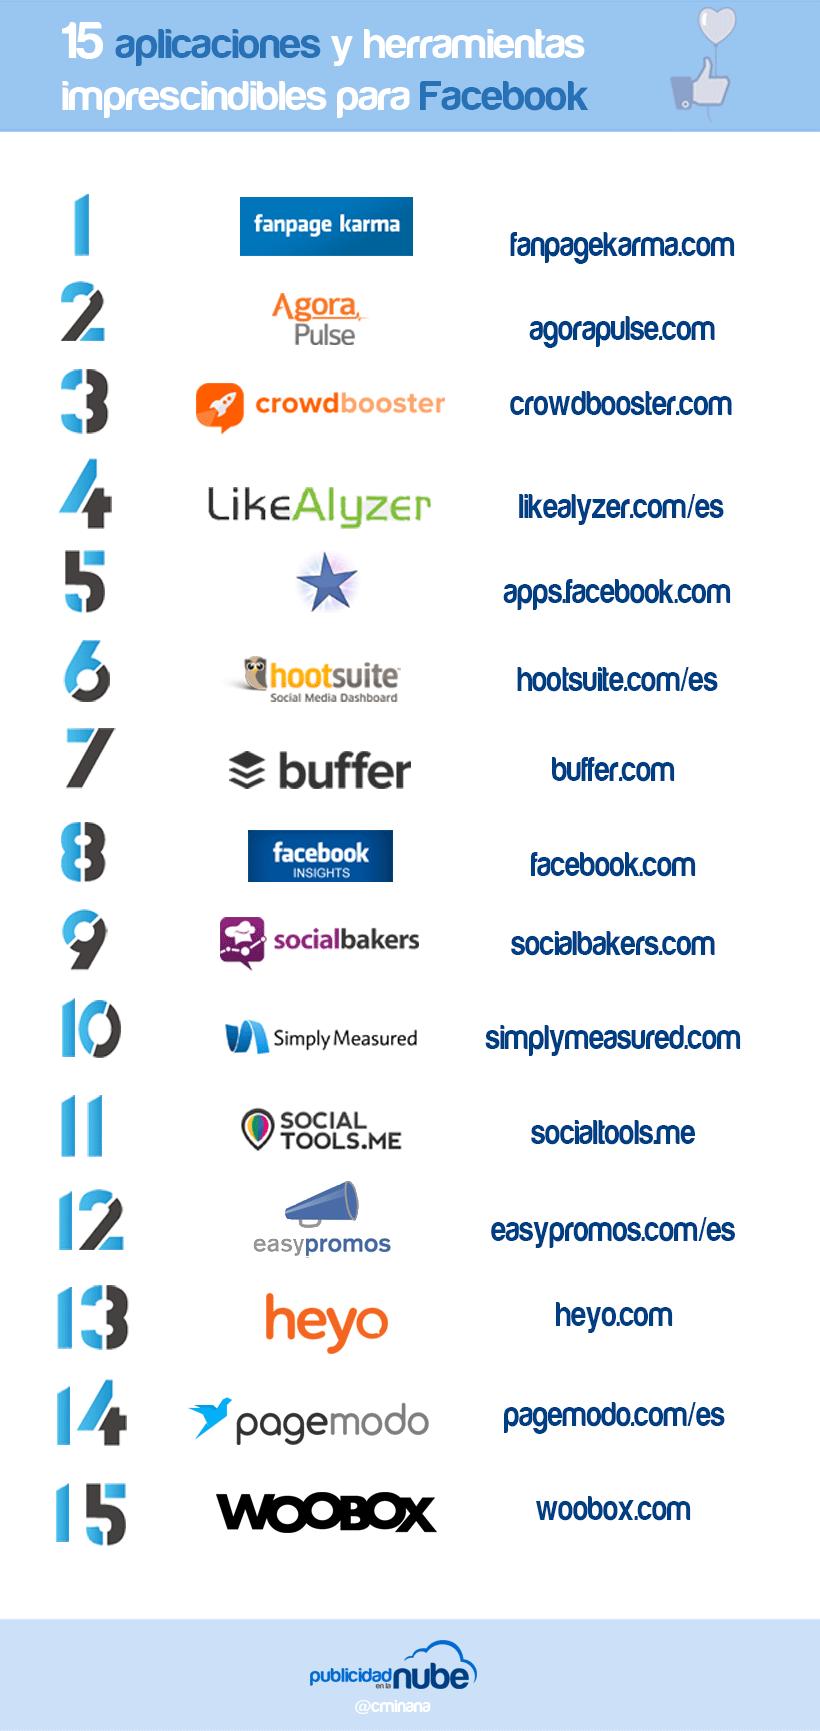 15 herramientas y aplicaciones imprescindibles para Facebook